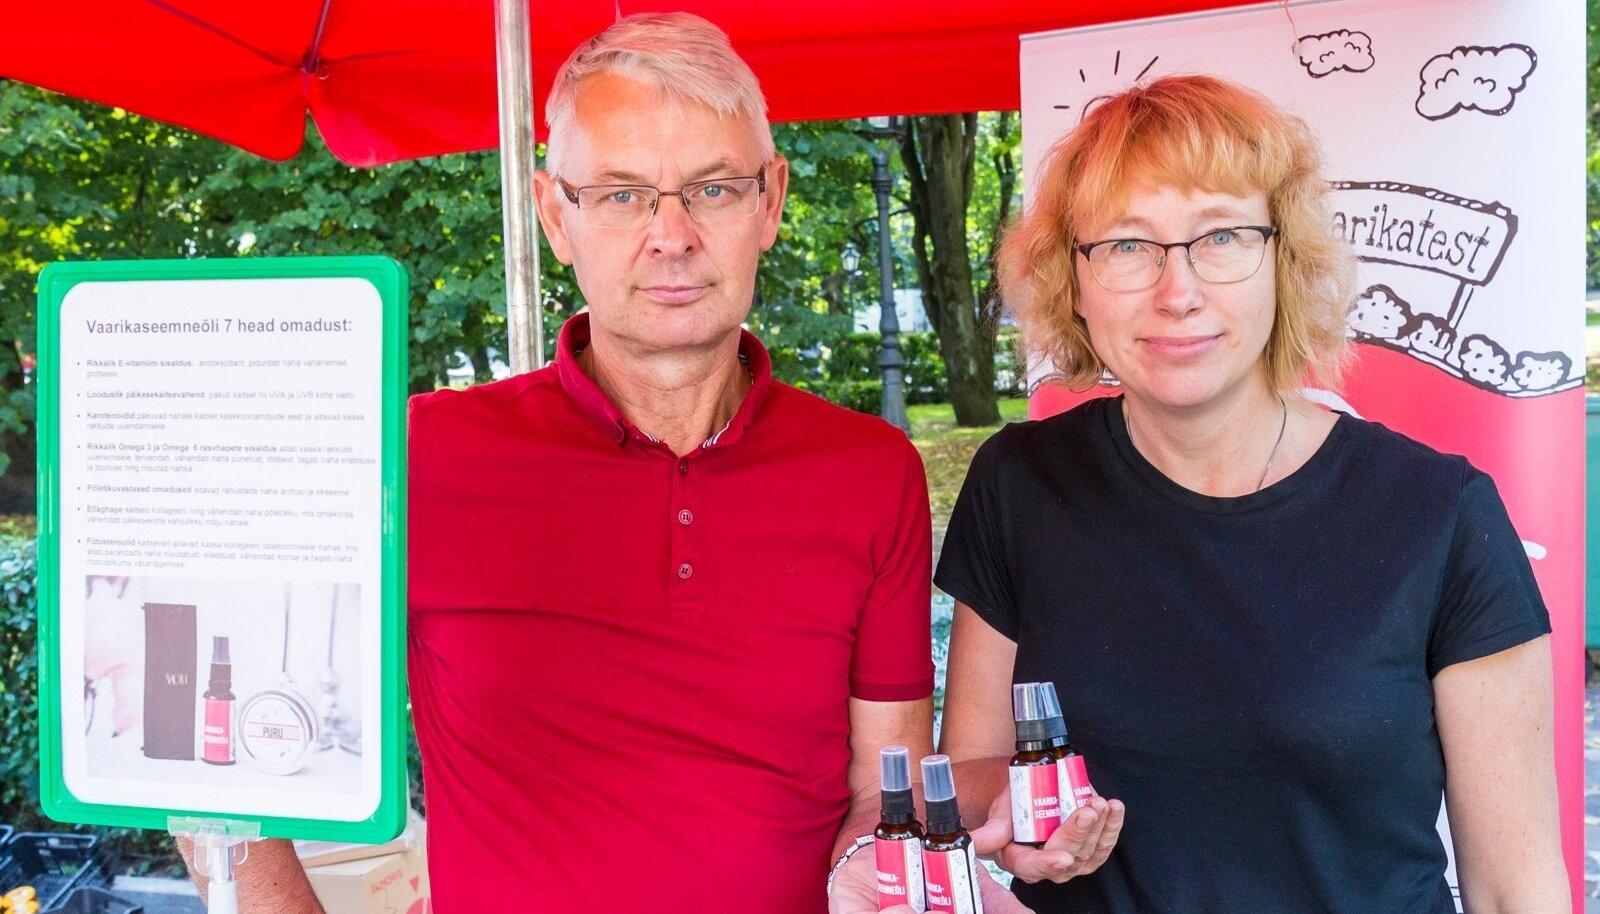 Raivo Teder ja Kadri Kalmus müüsid la upäeval Tartus Maarjalaadal vaarikaseemneõli 12 eurot pudel.